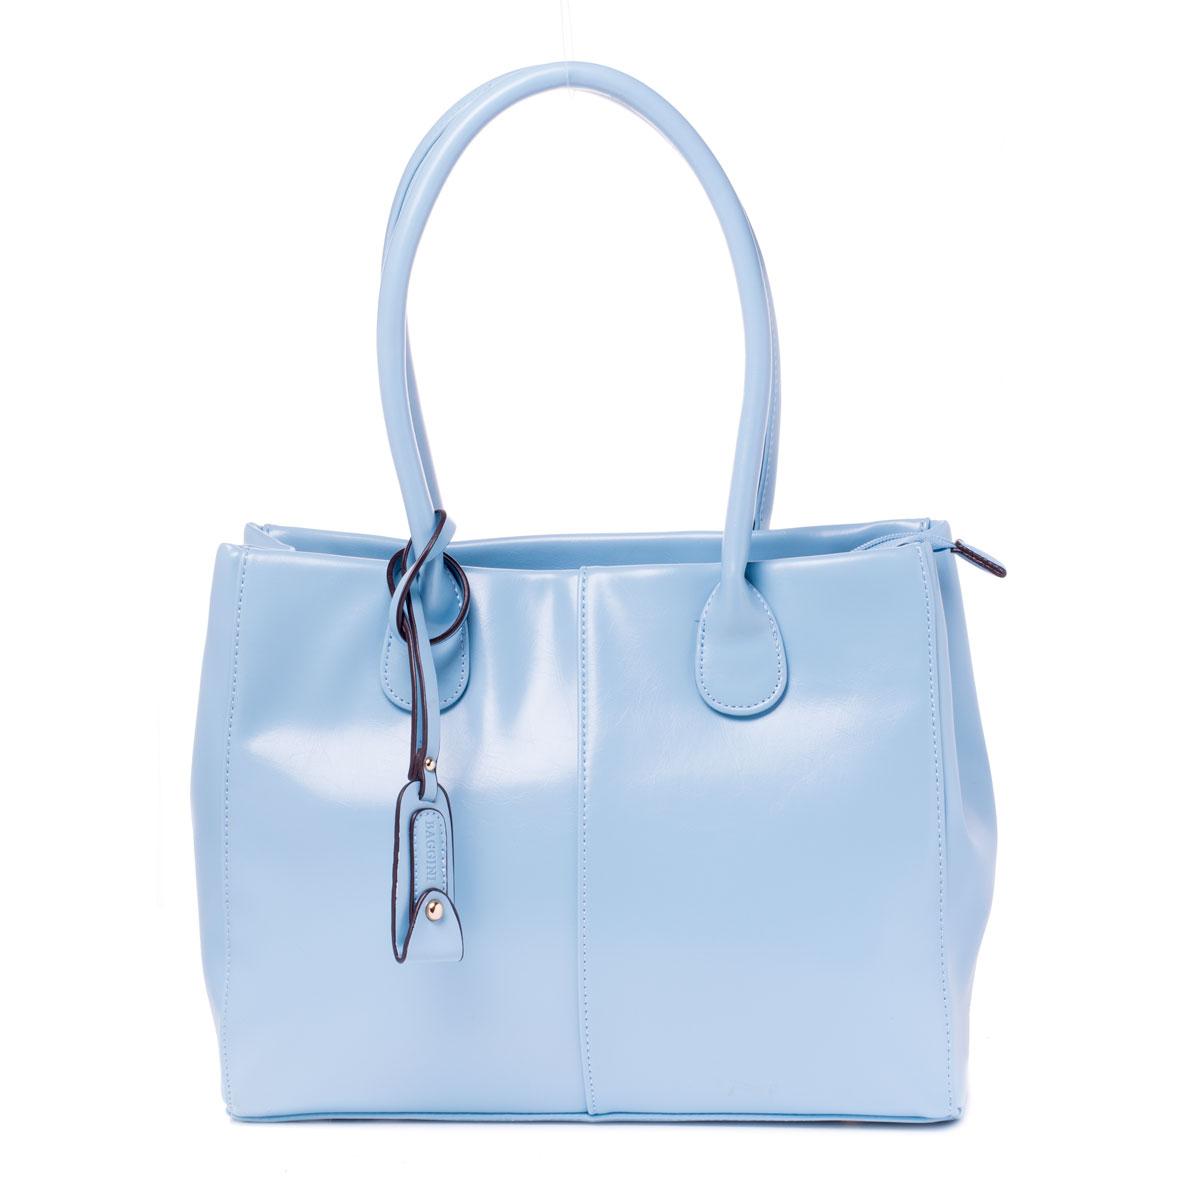 Сумка женская Baggini, цвет: голубой, аква. 29620/4029620/40